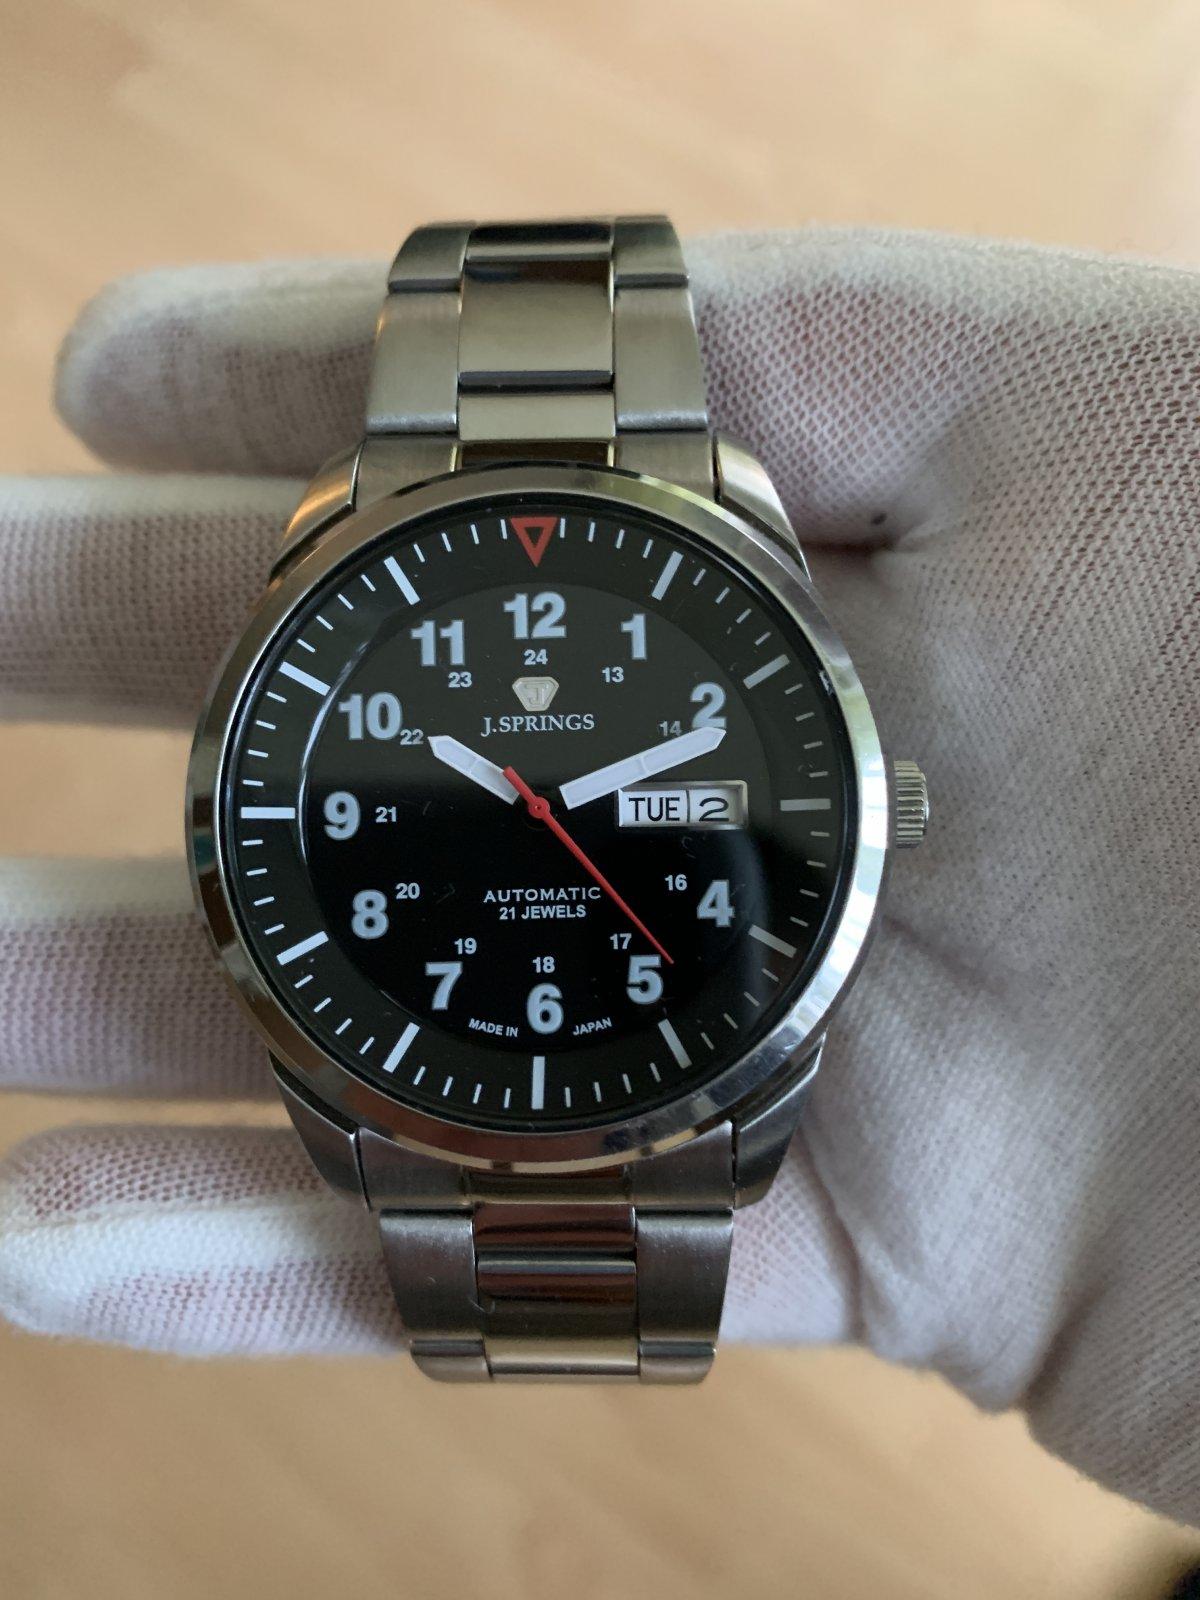 DC7E3180-0E54-4598-975B-6A2F7F6F80E0.jpeg